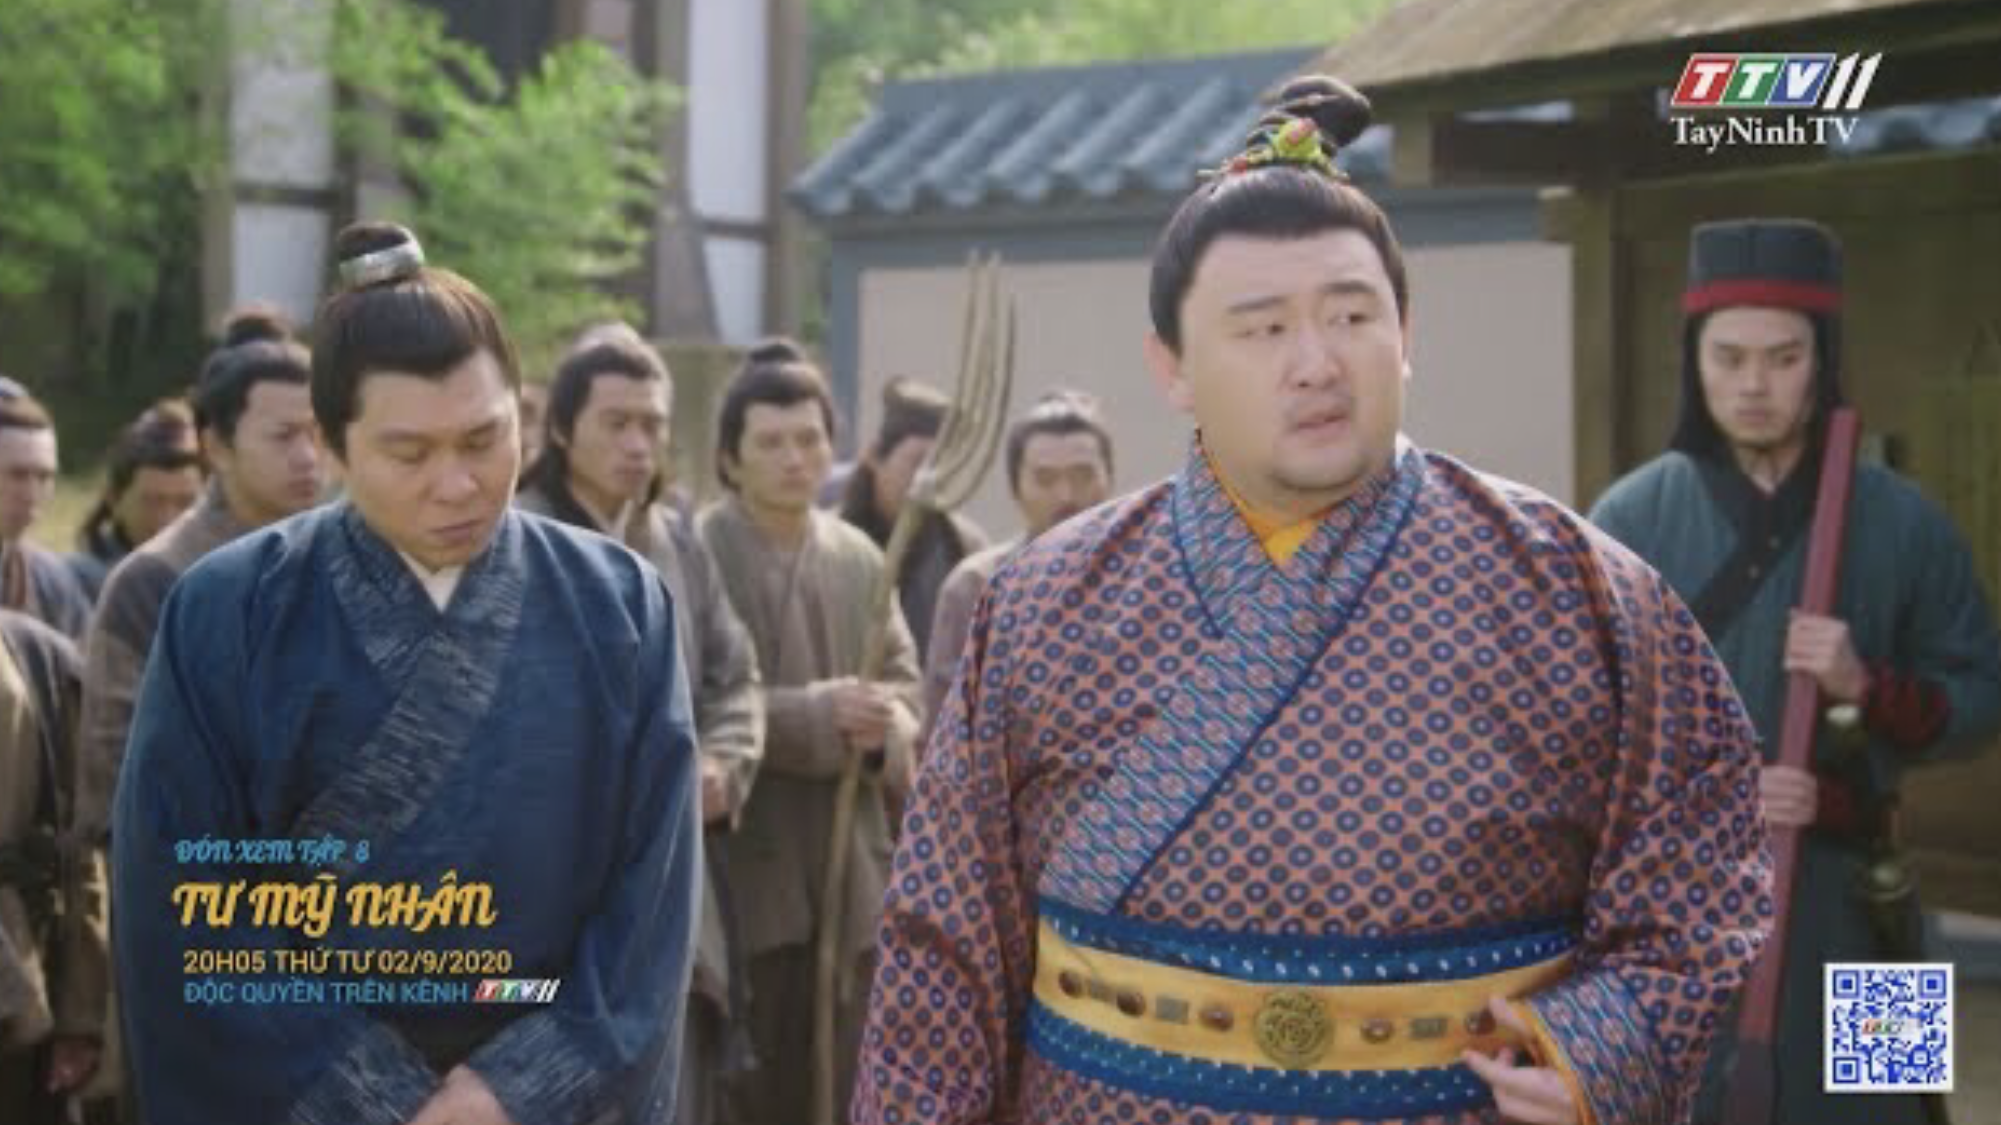 Tư mỹ nhân- TẬP 8 trailer   PHIM TƯ MỸ NHÂN   TayNinhTV